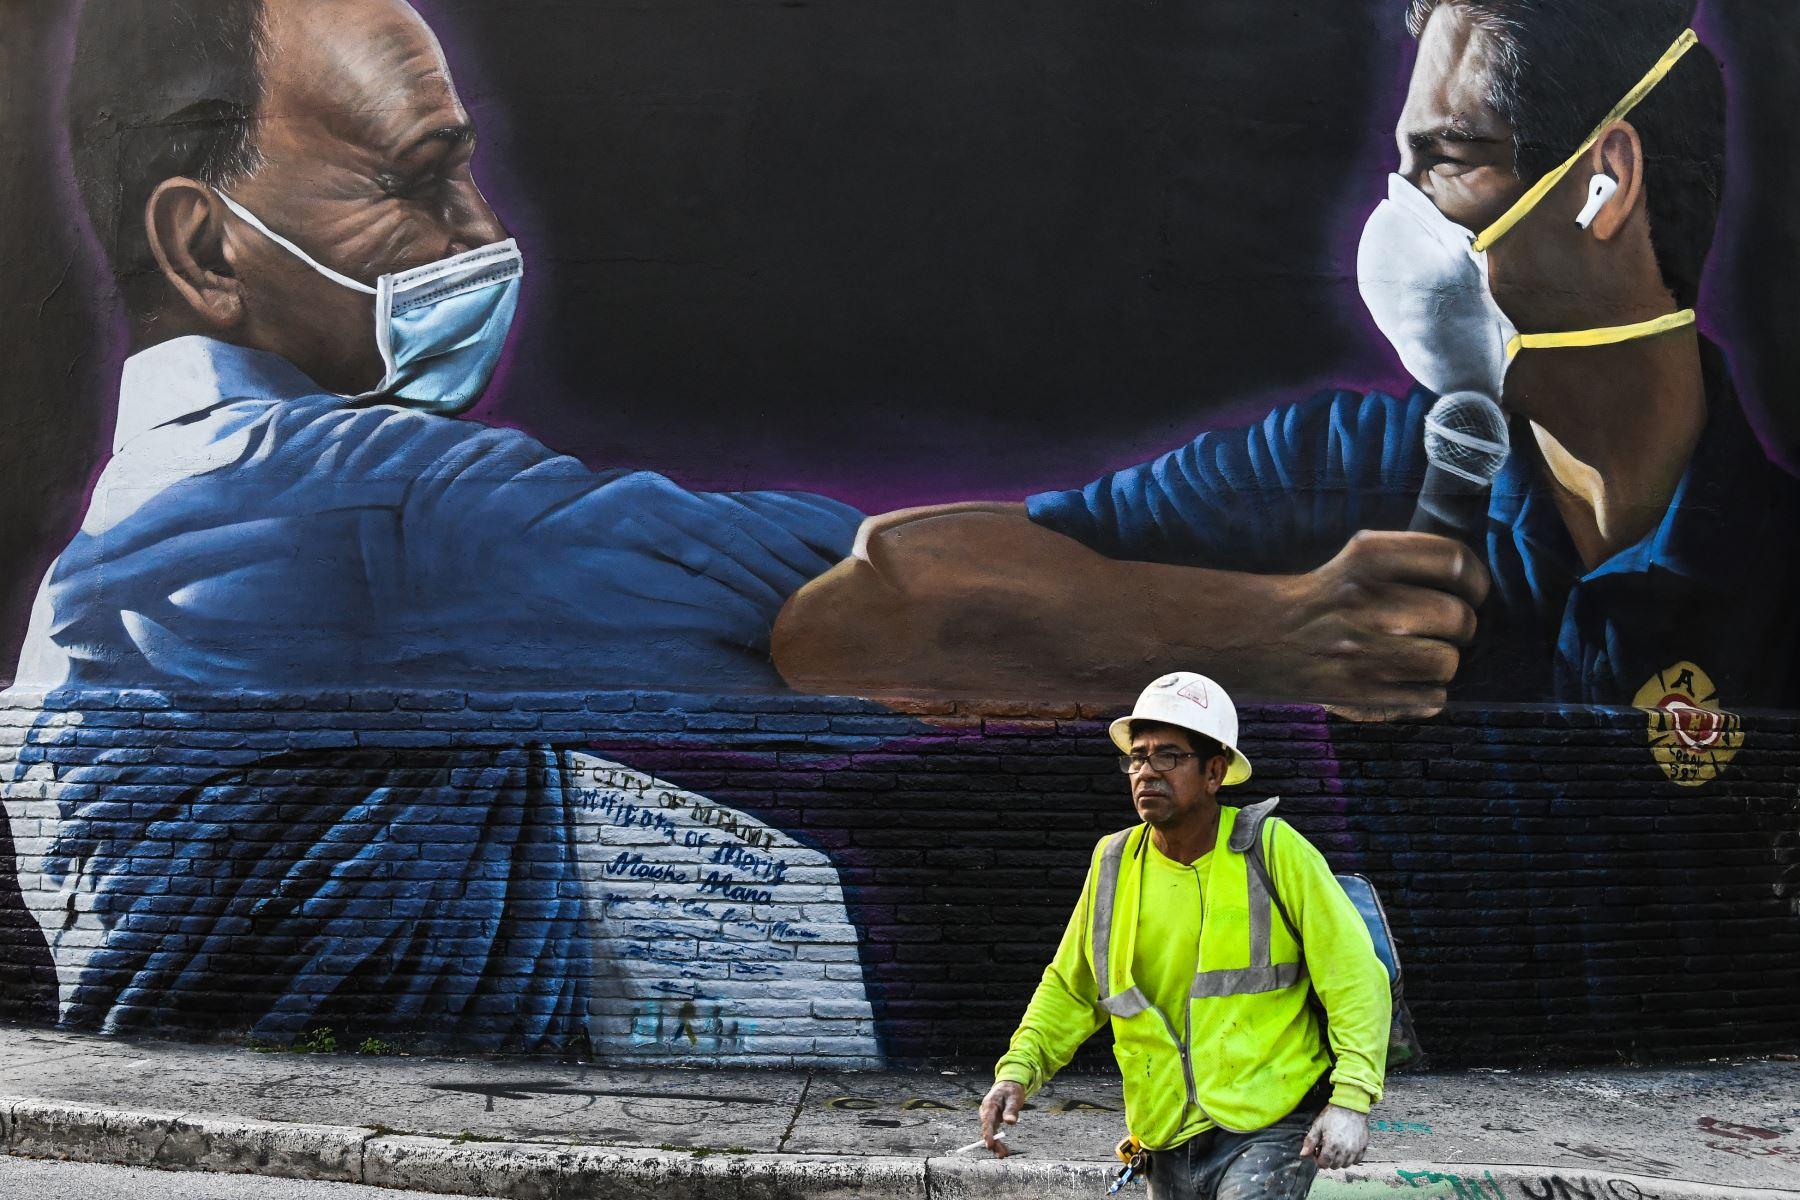 Un trabajador de construcción pasa junto a un mural sobre el coronavirus en el distrito artístico de Wynwood en Miami, Florida. Foto: AFP